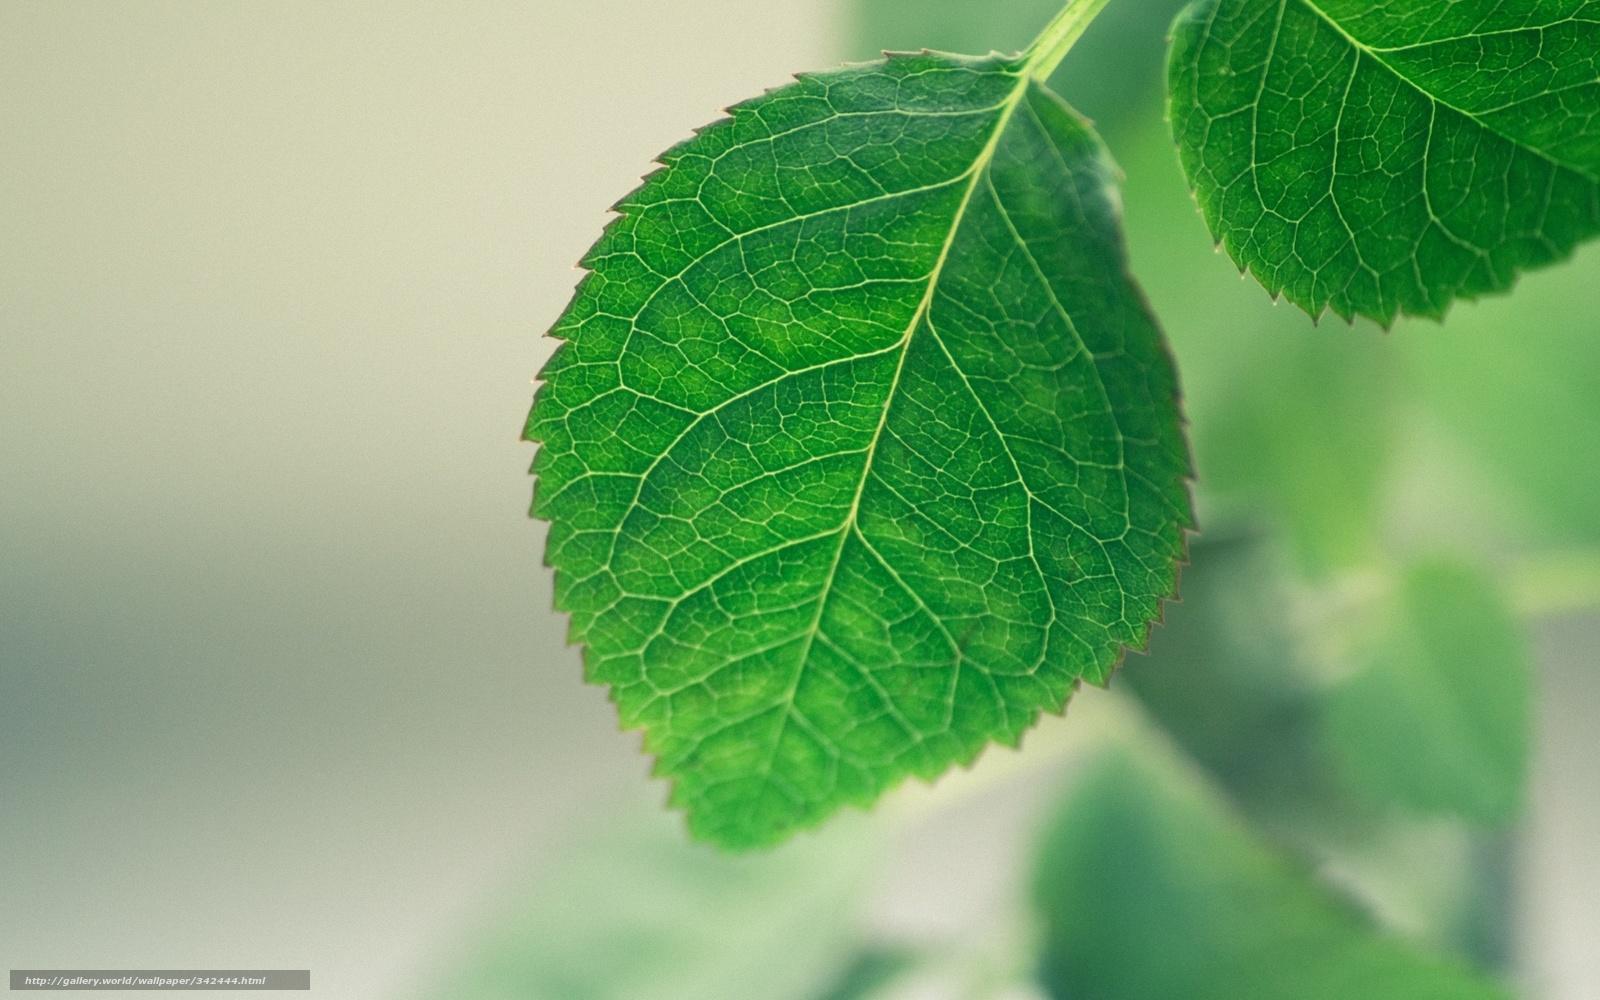 Scaricare Gli Sfondi Verde Fogliame Uno Sfondo Sfumato Sfondi